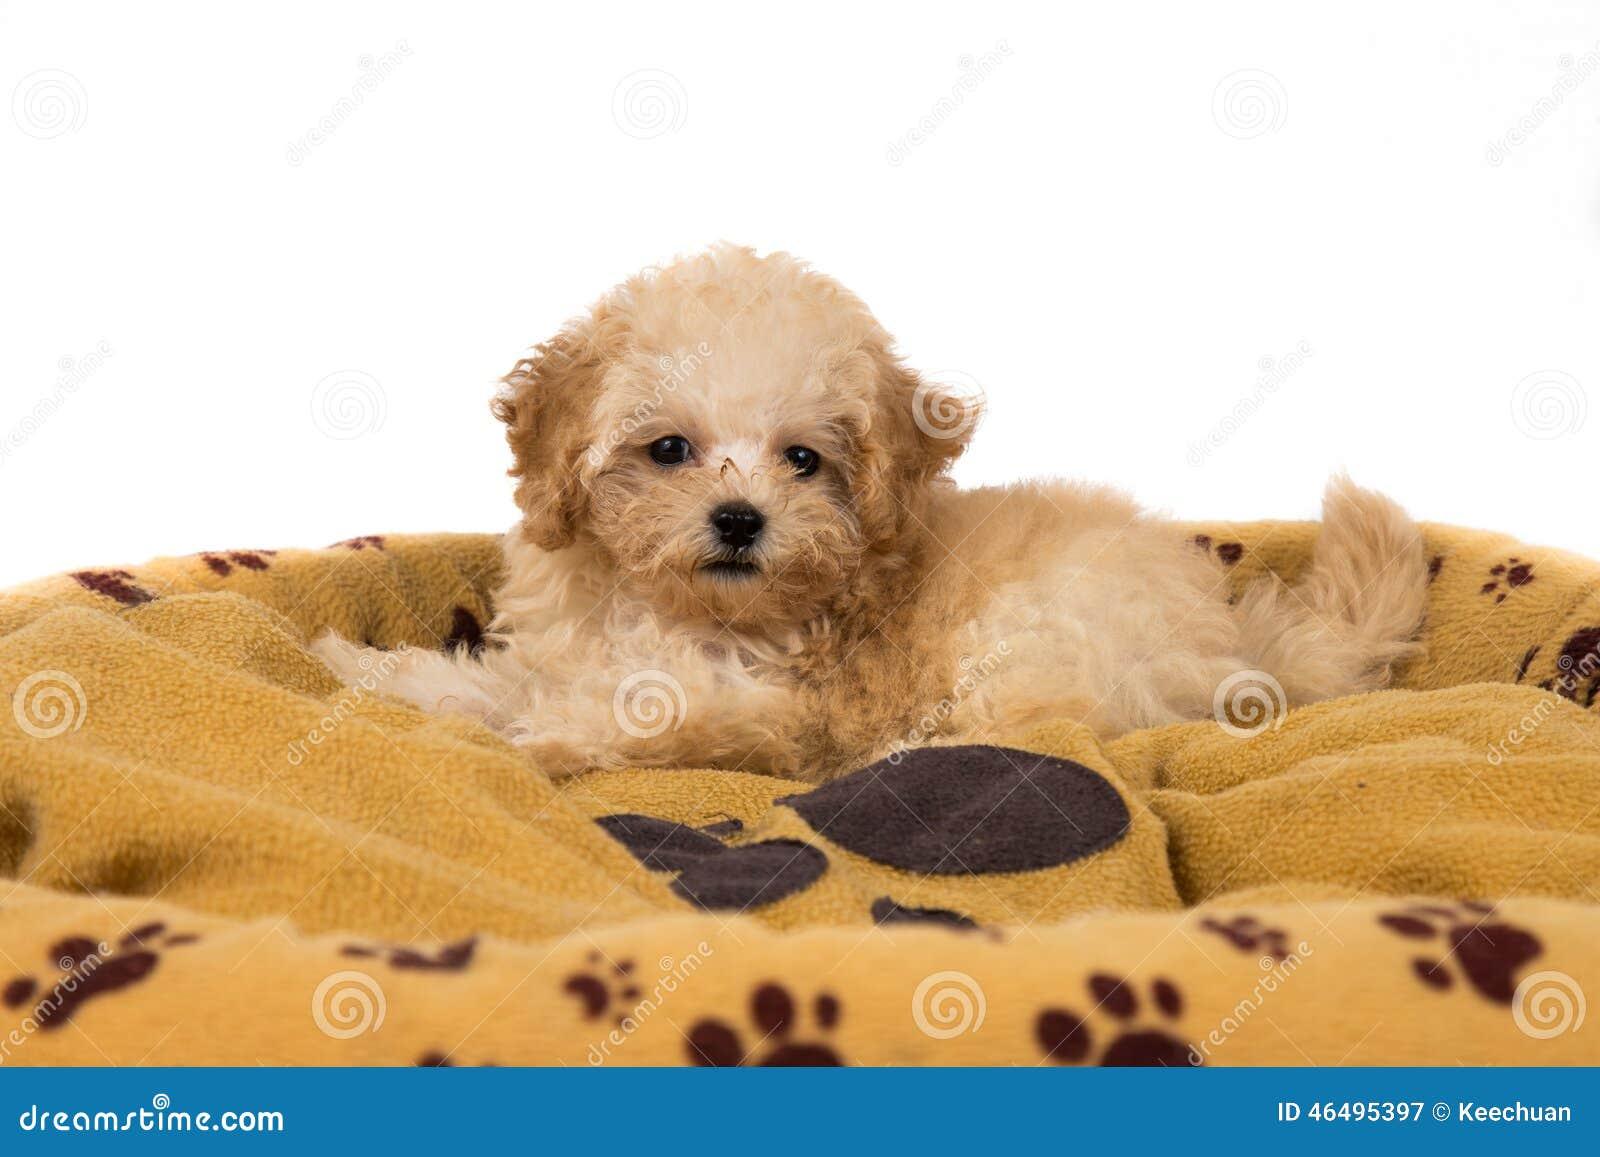 Perrito lindo y curioso del caniche que descansa sobre su cama